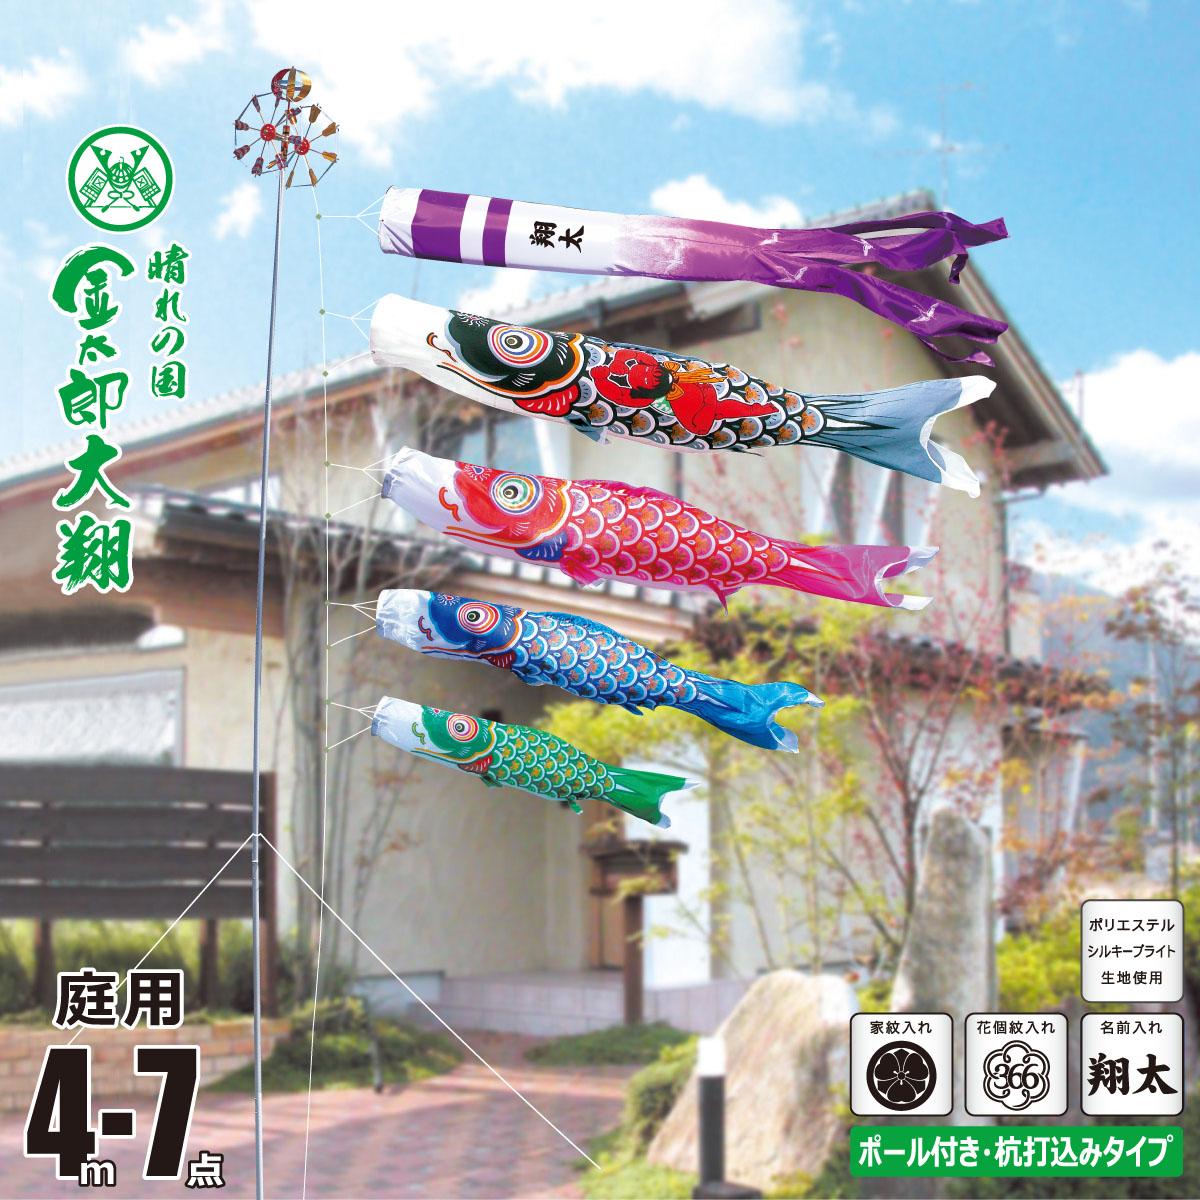 こいのぼり 4m 金太郎大翔 7点 (矢車、ロープ、吹流し、鯉4匹) 庭園用 ガーデンセット (専用ポール一式) 徳永鯉のぼり KIT-003-680